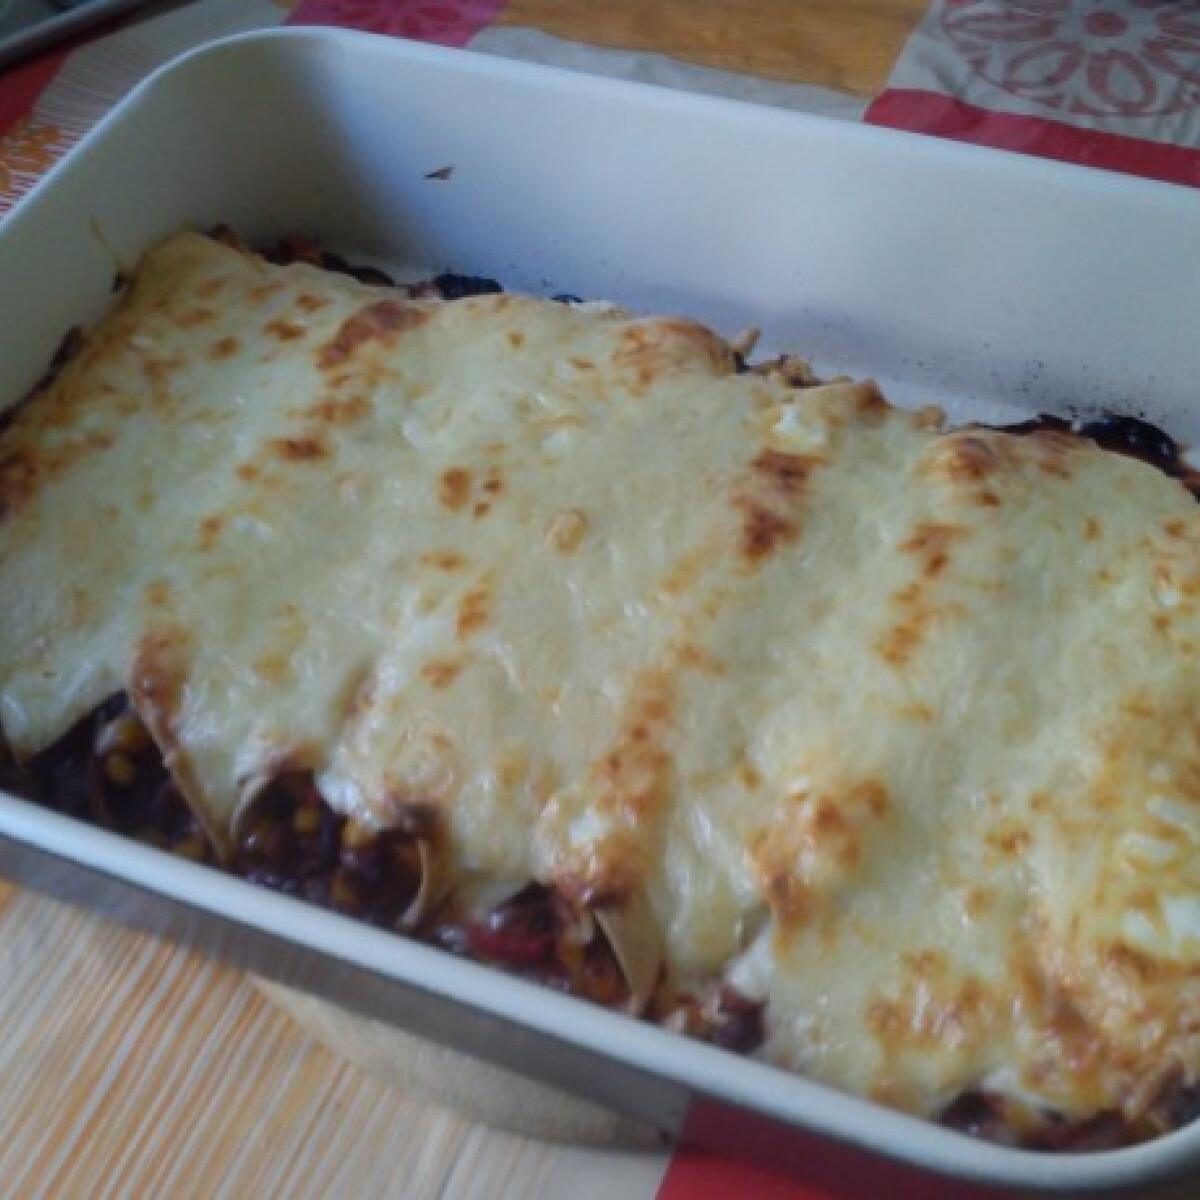 Ezen a képen: Loco enchilada